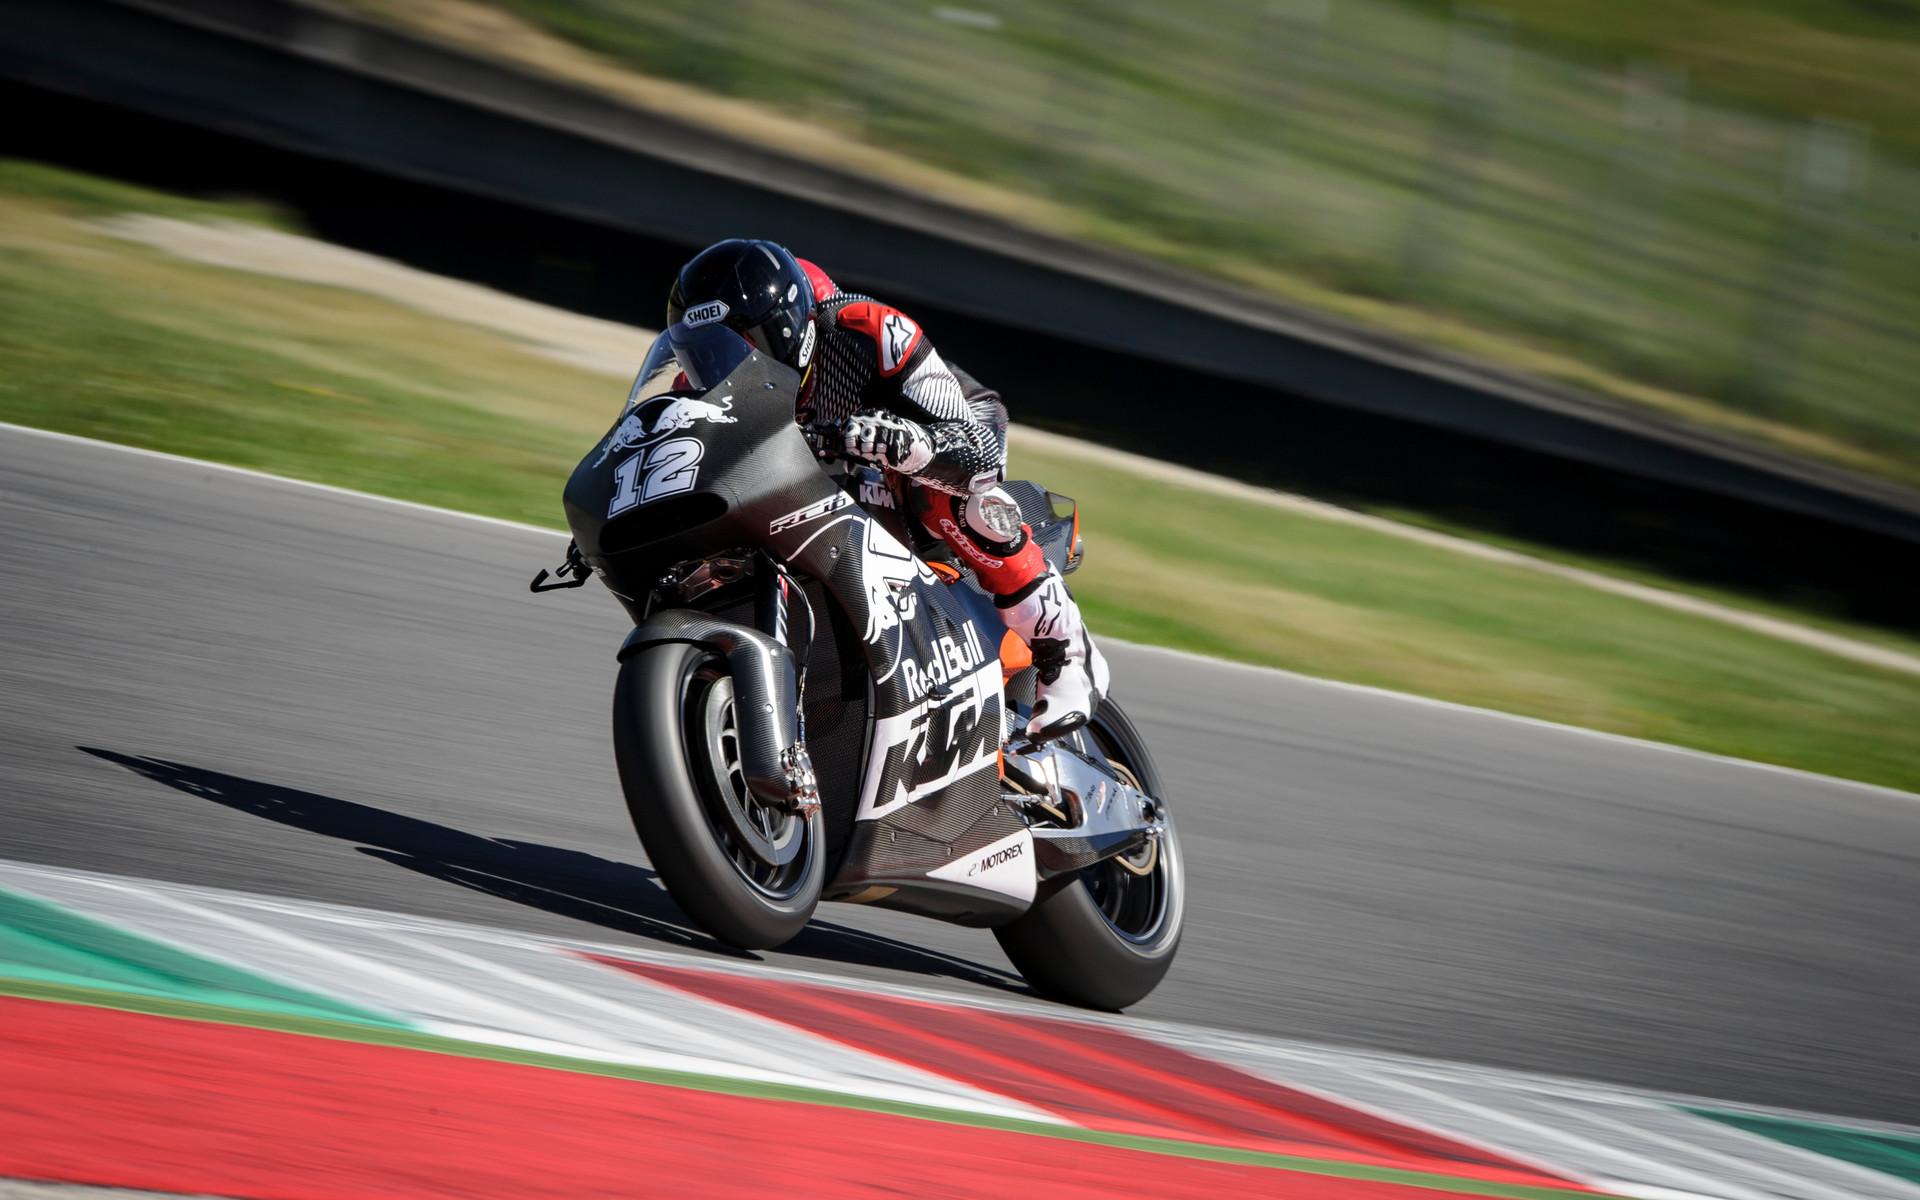 Photo of Pentru MotoGP, dar nu numai – formidabilul KTM RC16 va putea fi cumpărat de la magazin de către oricine și-l permite!